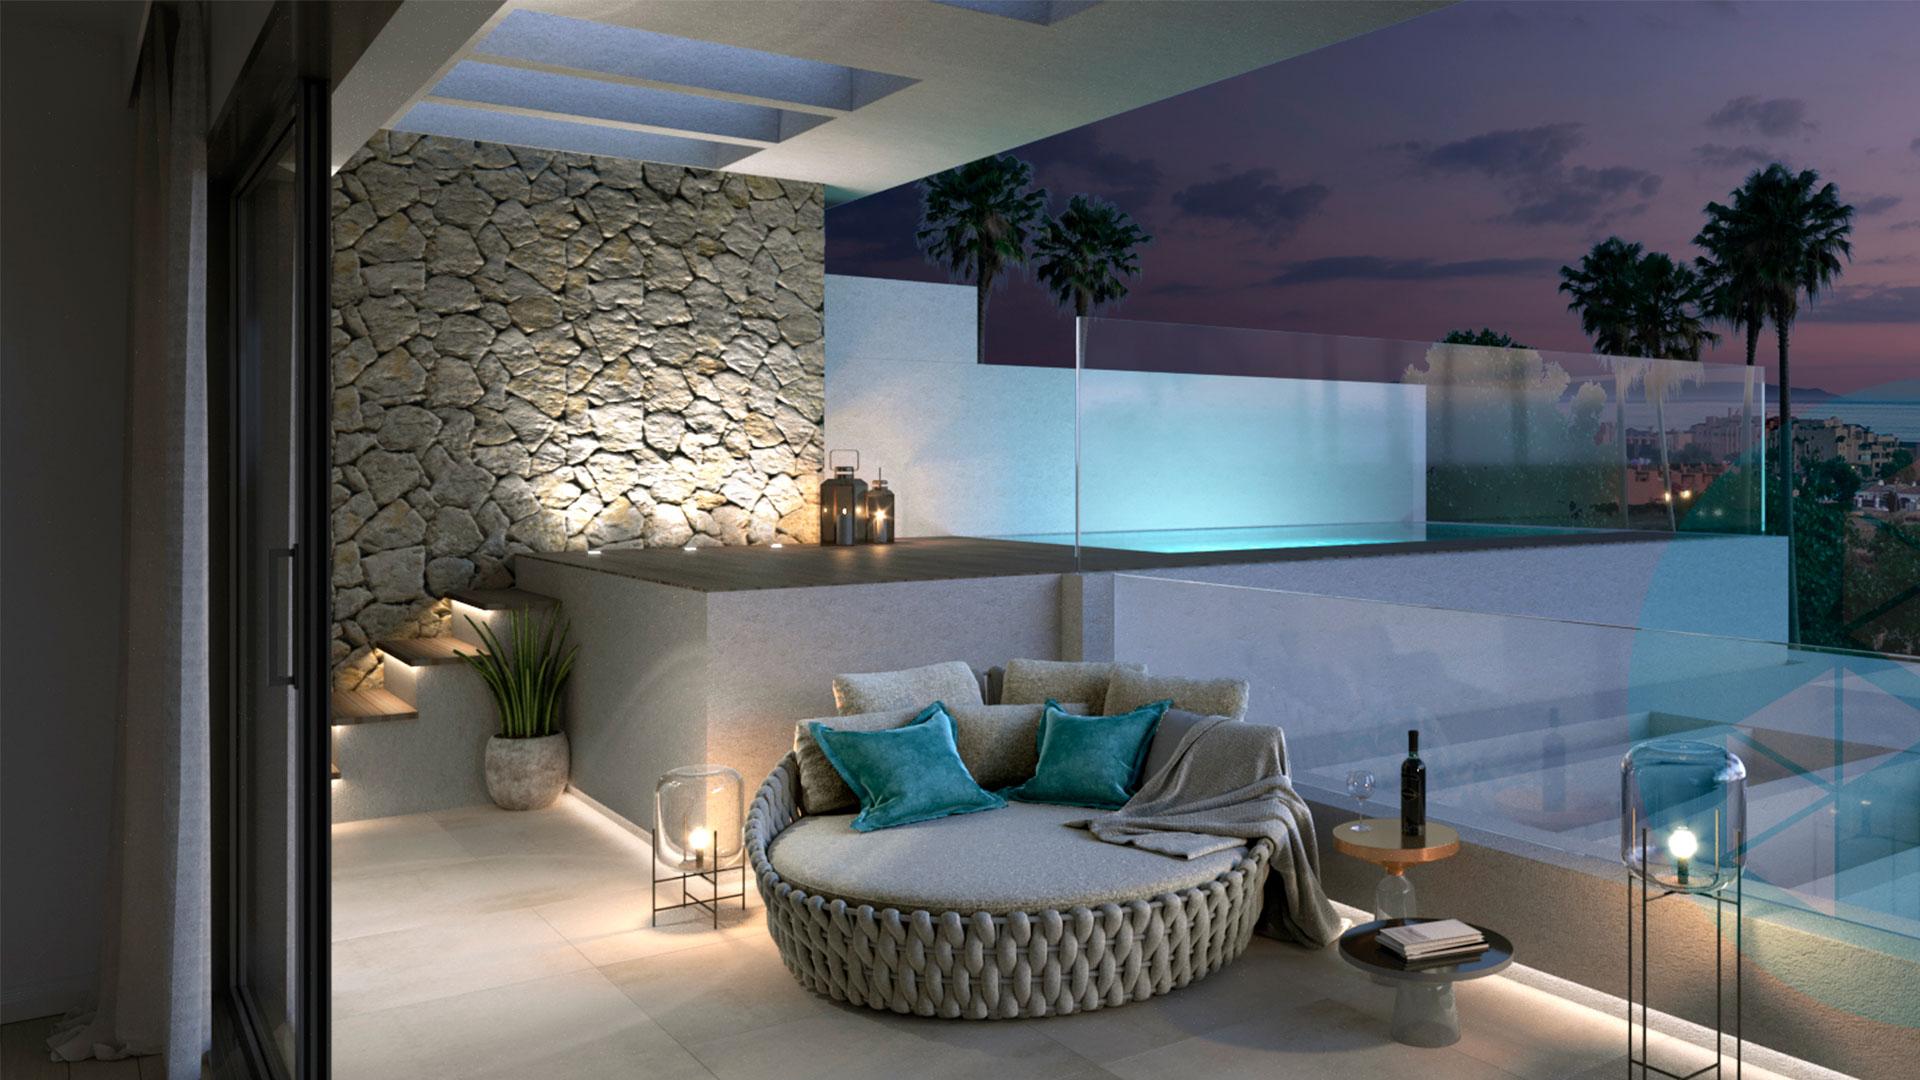 Residential AYANA in Marbella, ENE Construcción